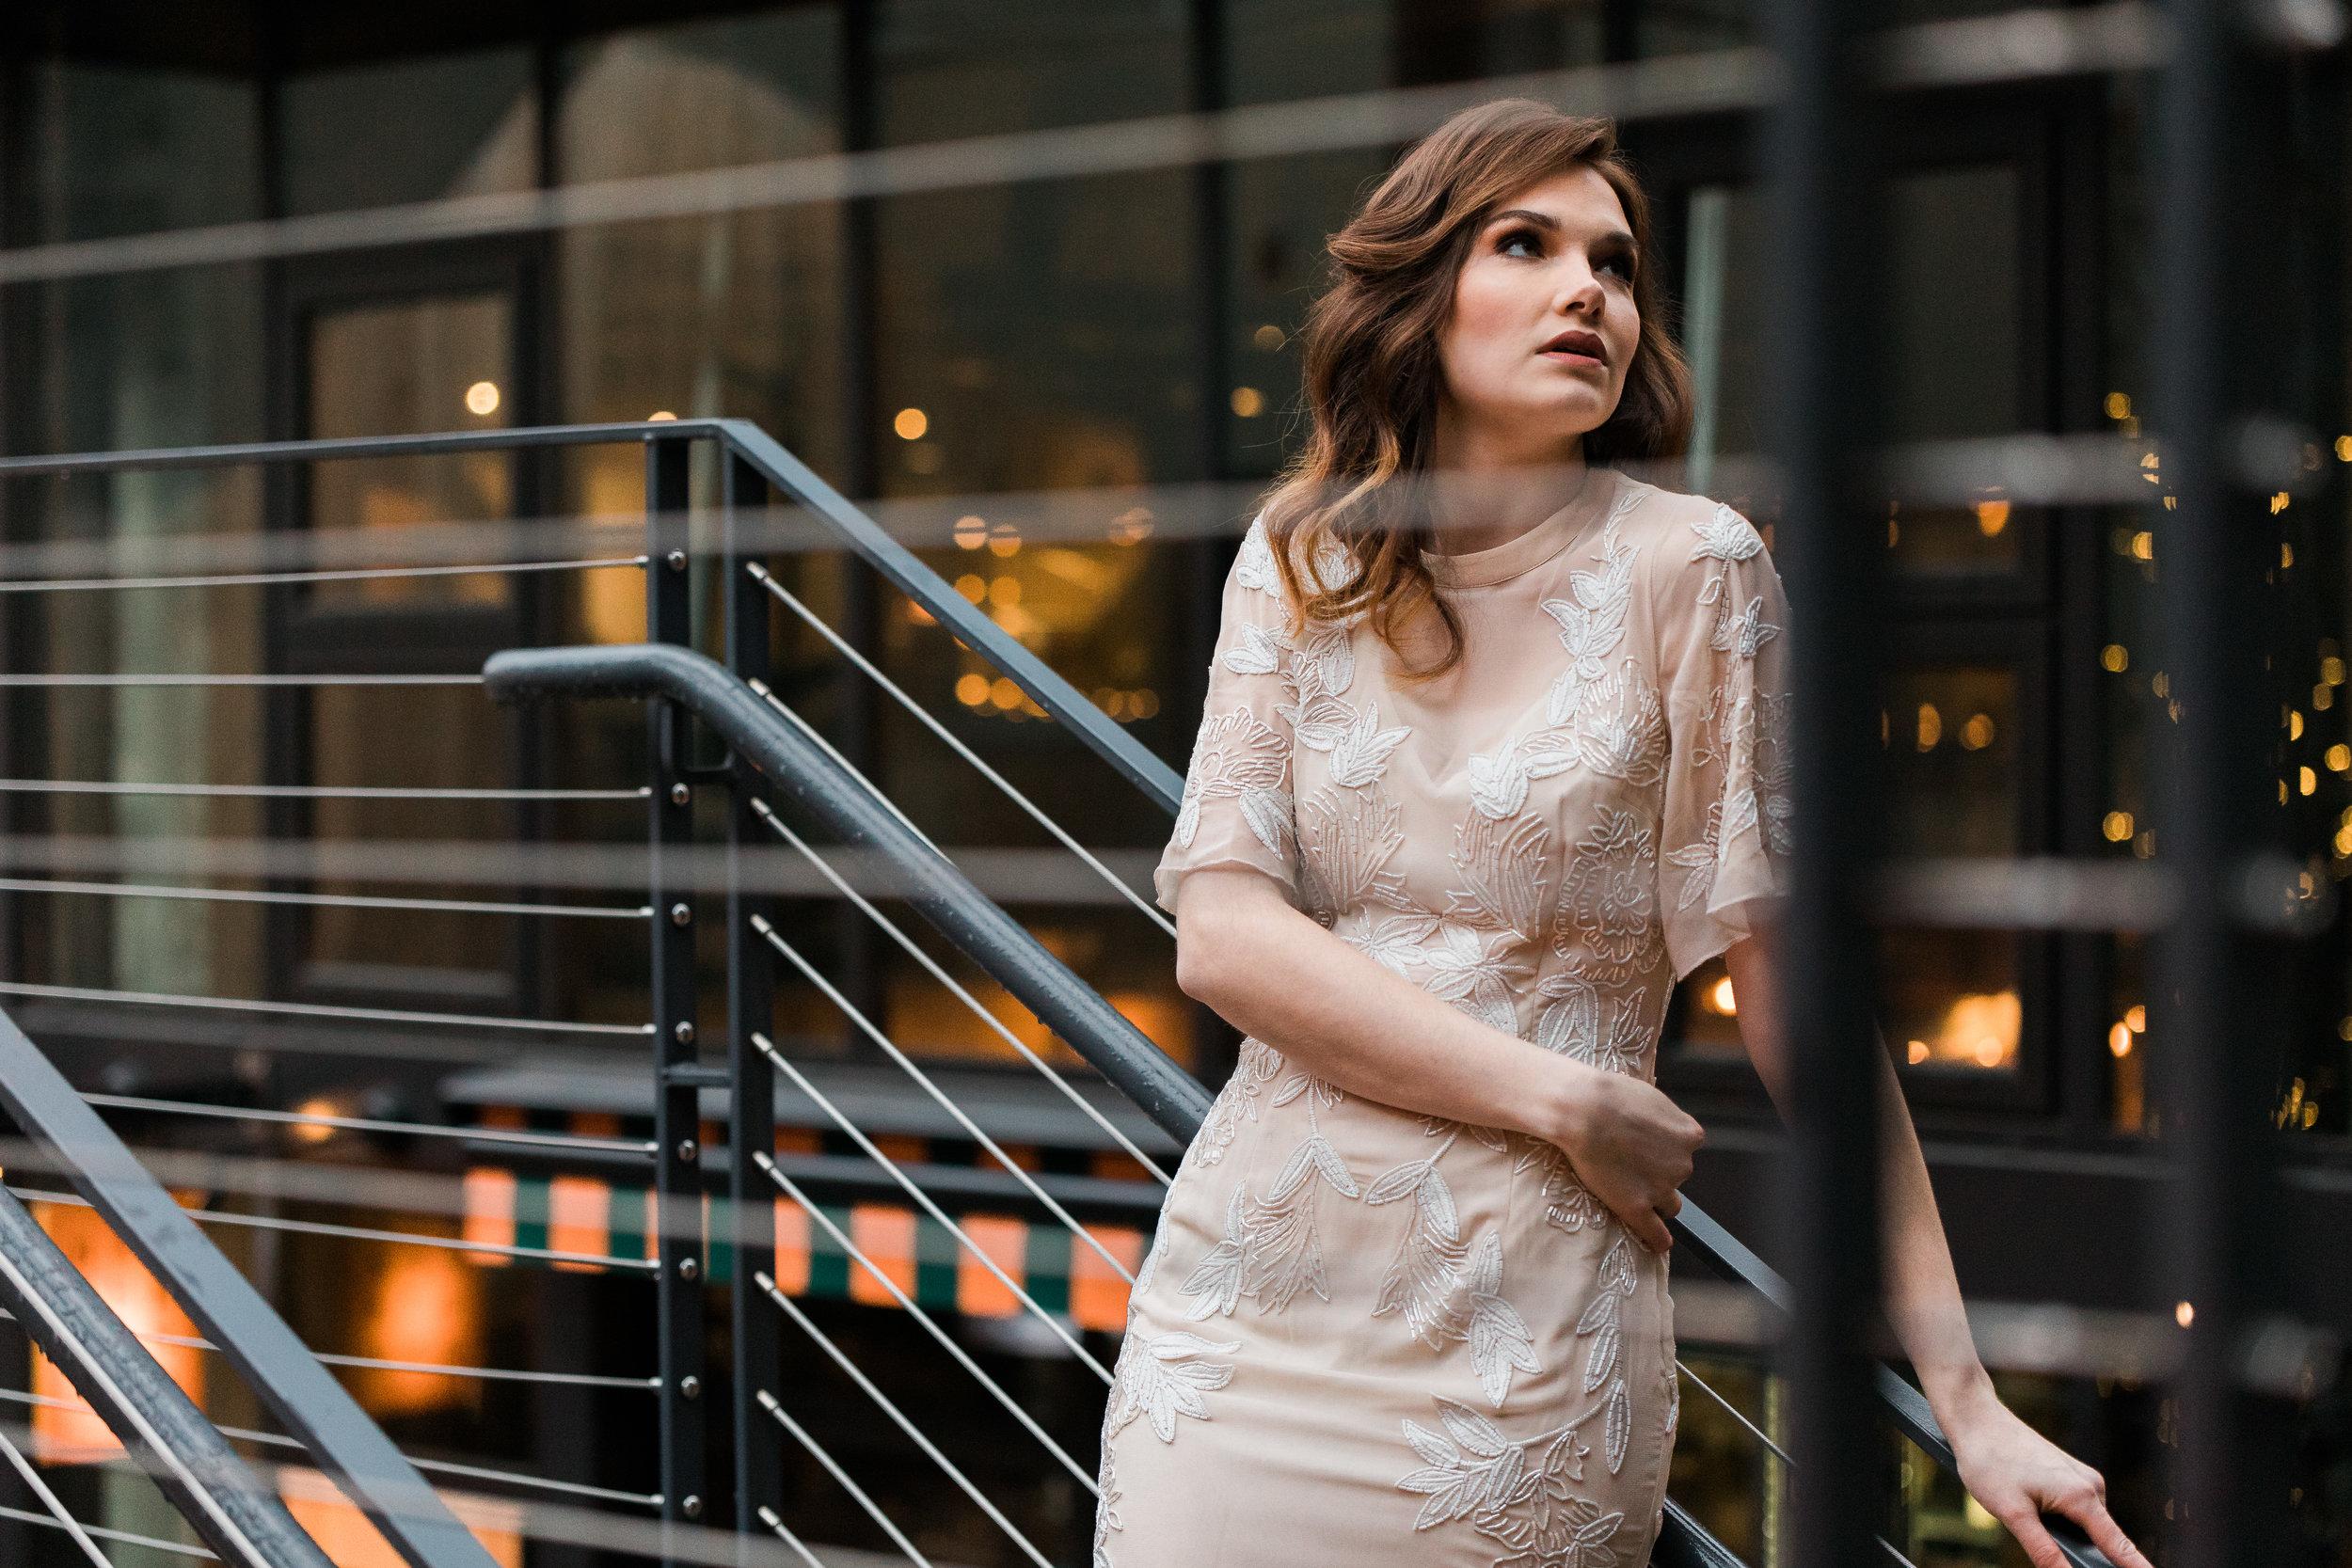 Styled-Bridal-Session-Seattle-Washington-Tara-Nichole-Photo-16.jpg